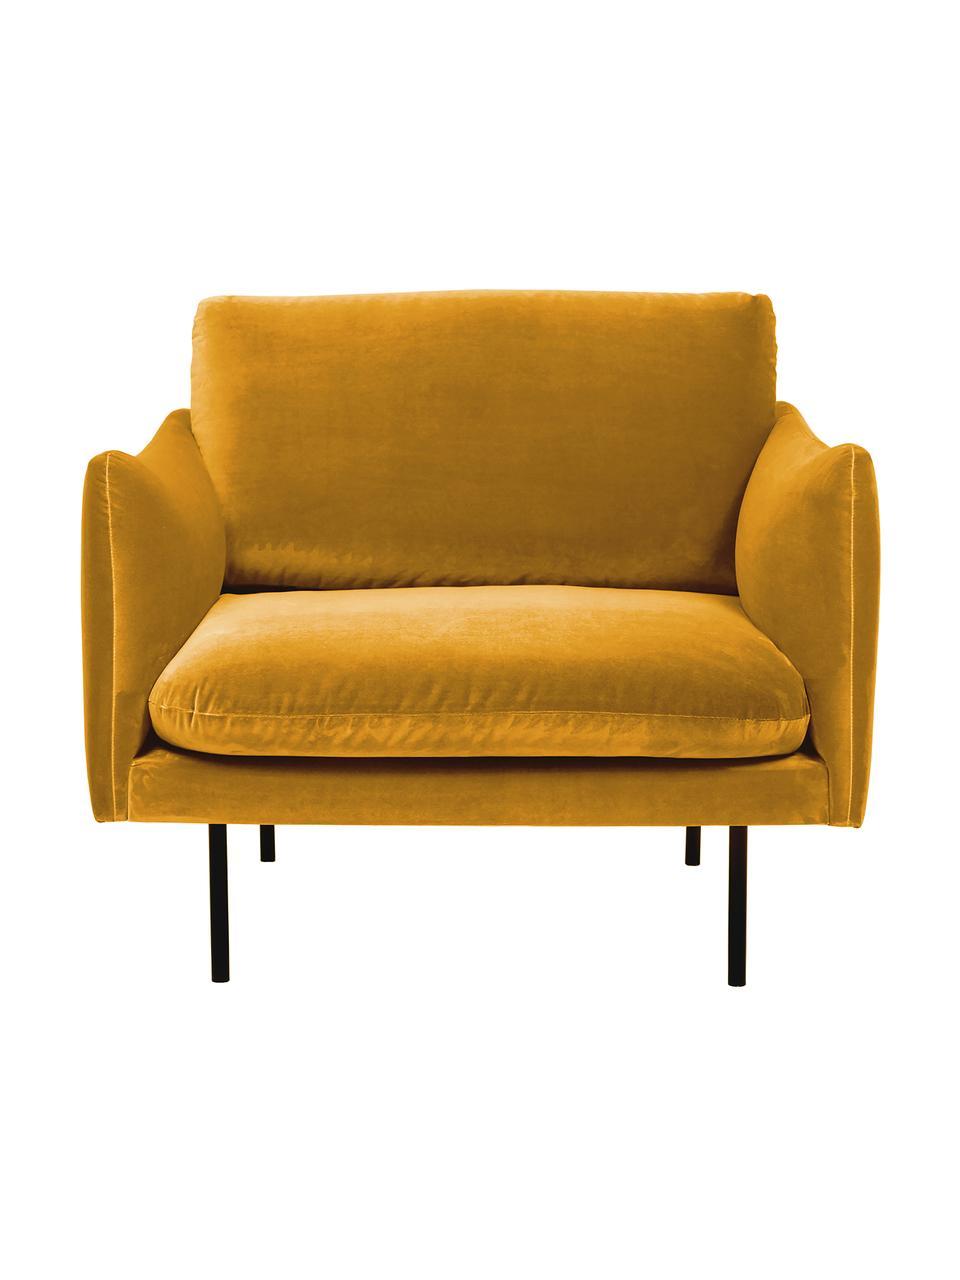 Fauteuil moderne velours turquoise pieds en métal Moby, Velours jaune moutarde